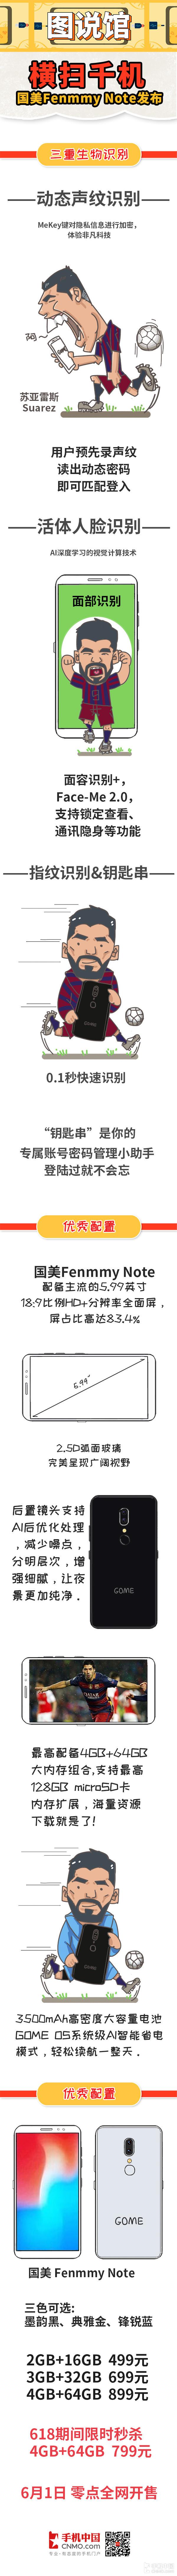 图说馆:国美Fenmmy Note三重生物识别